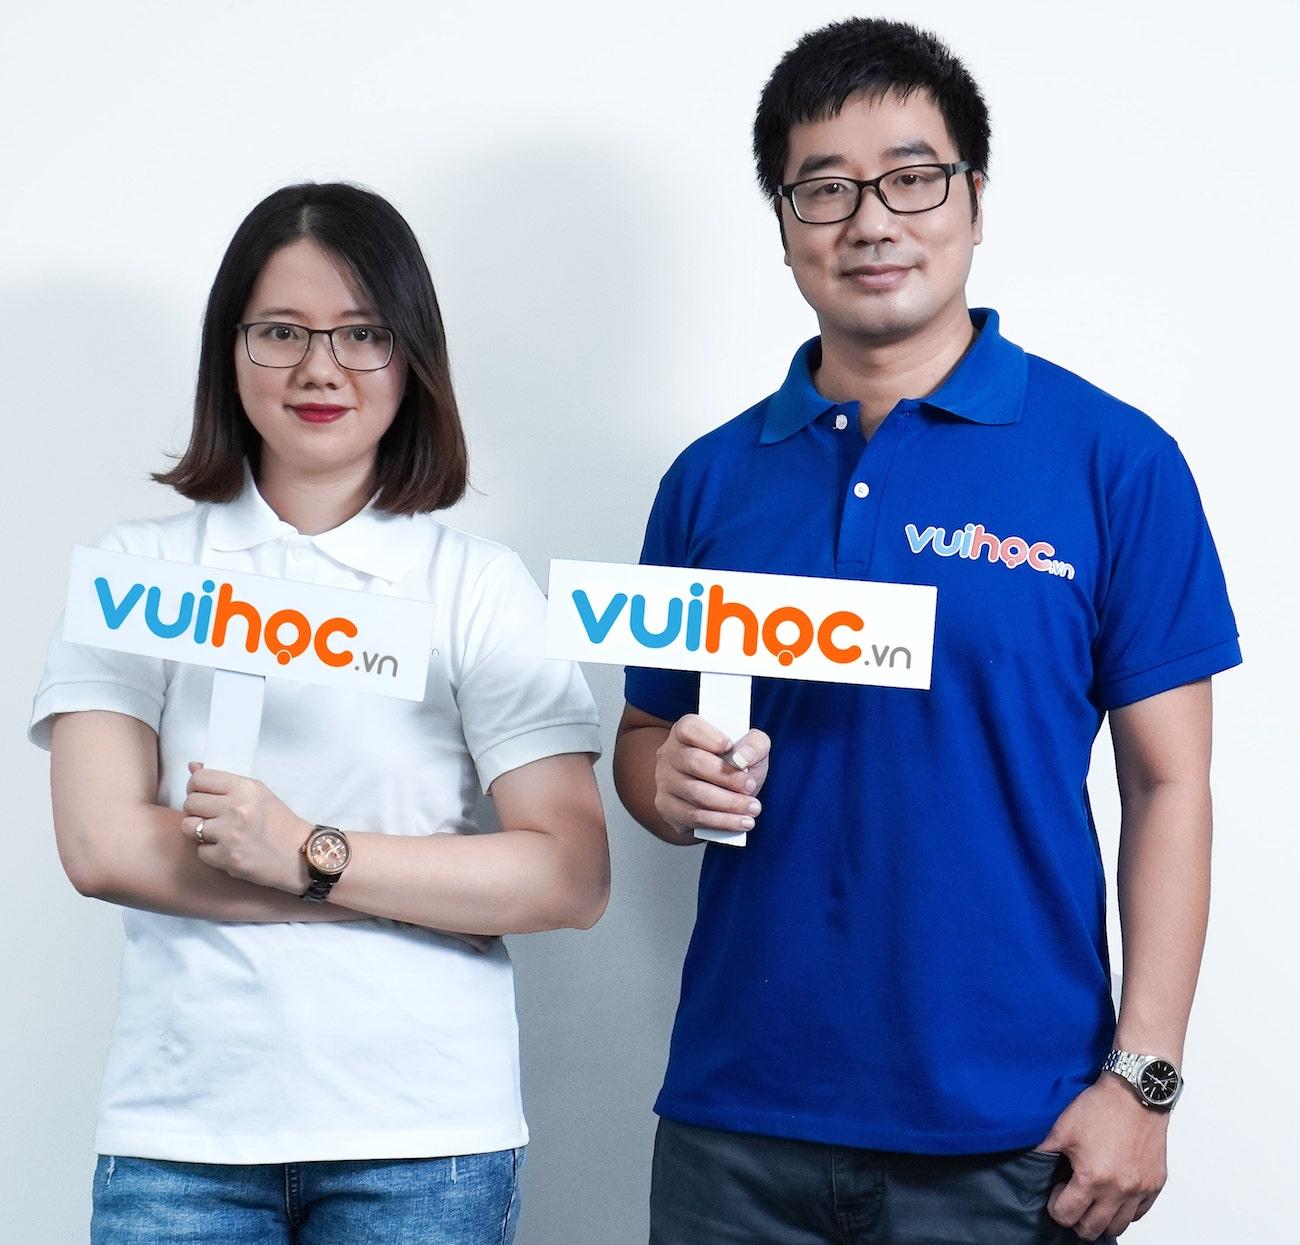 Hai nhà đồng sáng lập của VUIHOC là ông Đỗ Ngọc Lâm và bà Đỗ Minh Thu với nhiều năm kinh nghiệm trong phát triển hệ thống và quản trị doanh nghiệp